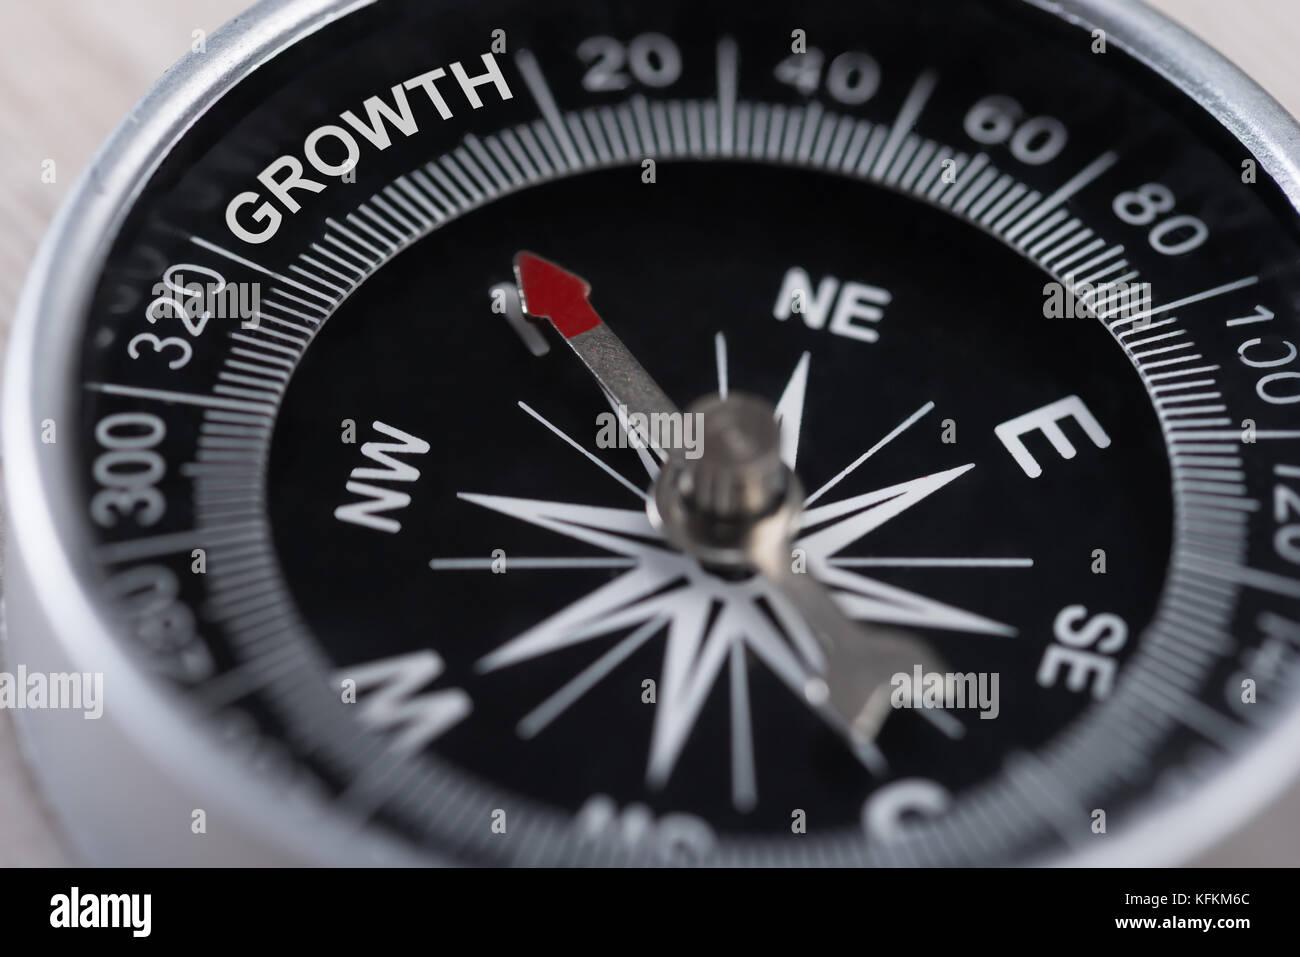 Libre de boussole indiquant la croissance. La croissance de l'entreprise concept Banque D'Images